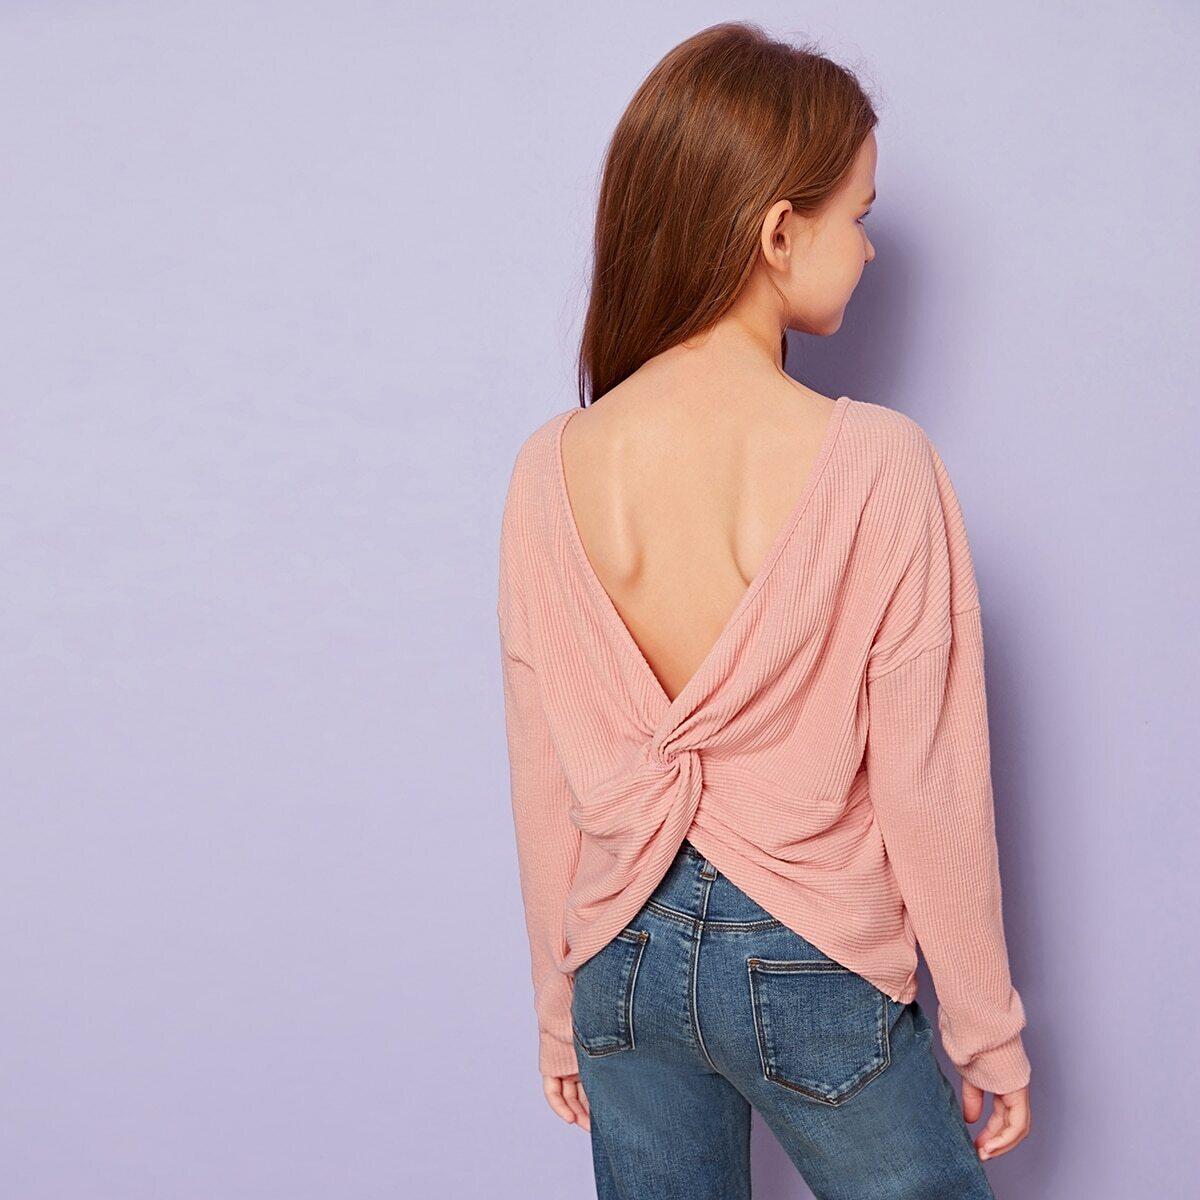 SHEIN / Mädchen Strick T-Shirt mit Twist